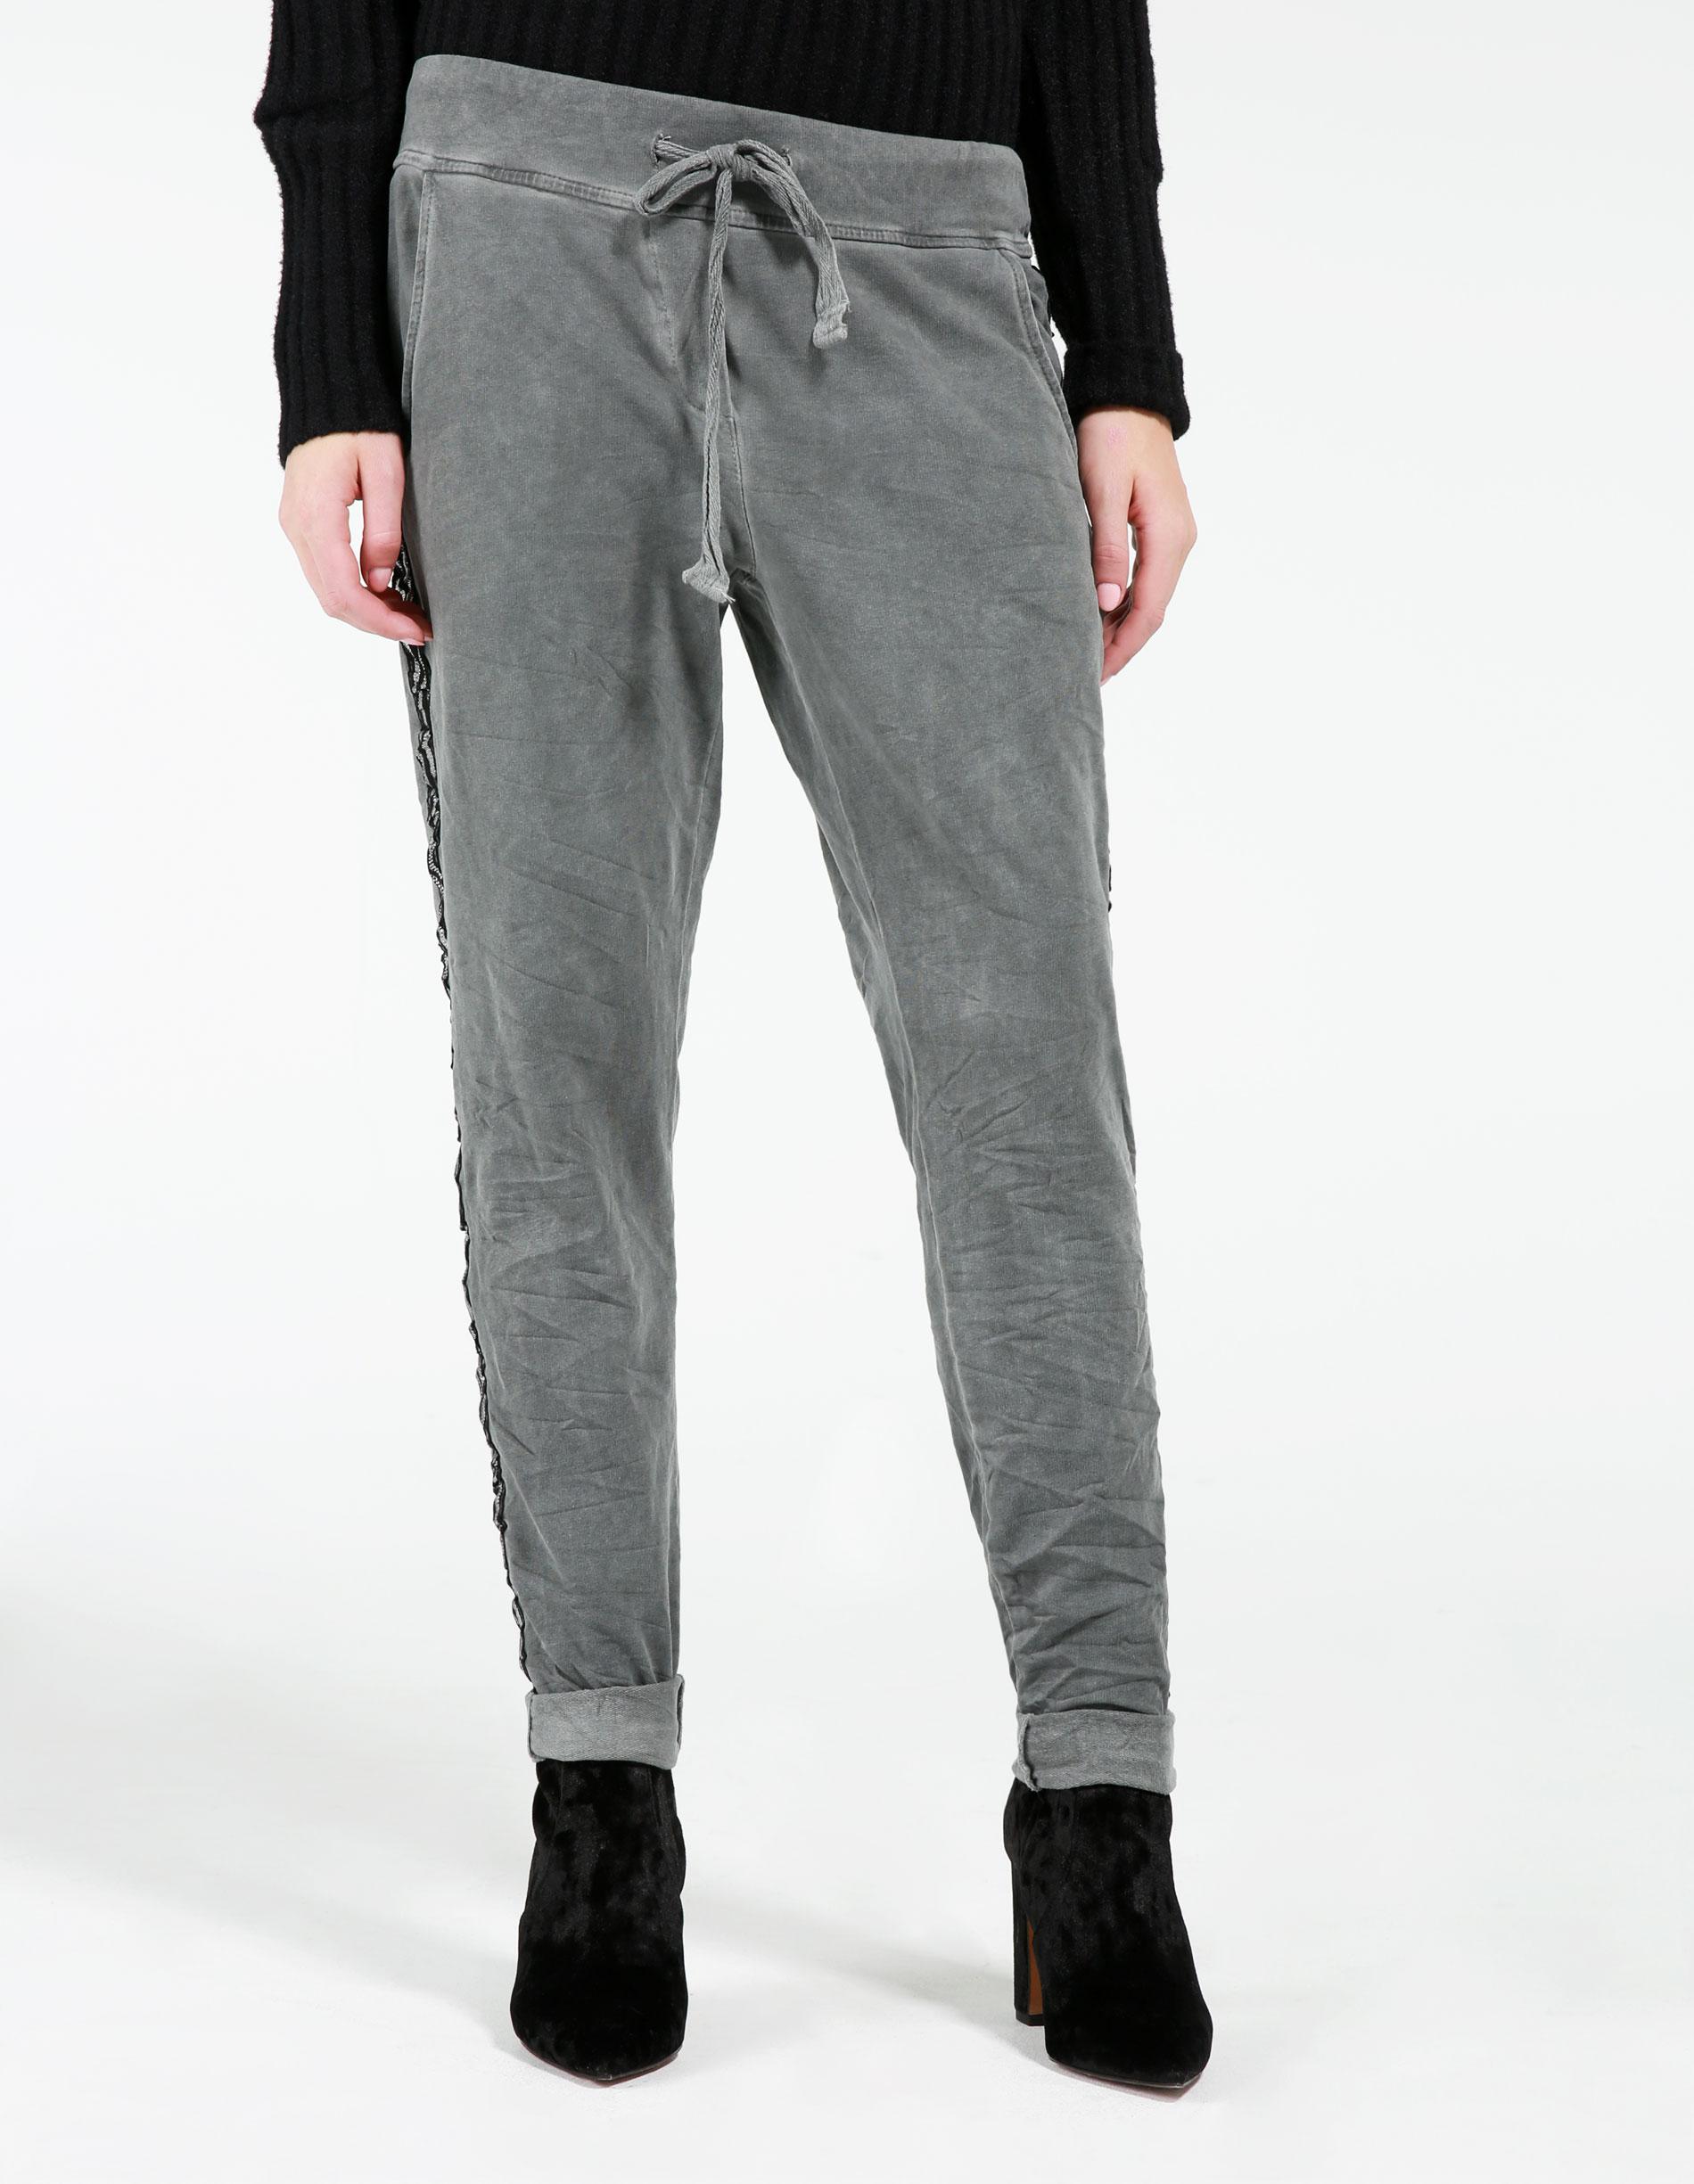 Spodnie - 158-2050 GRSC - Unisono